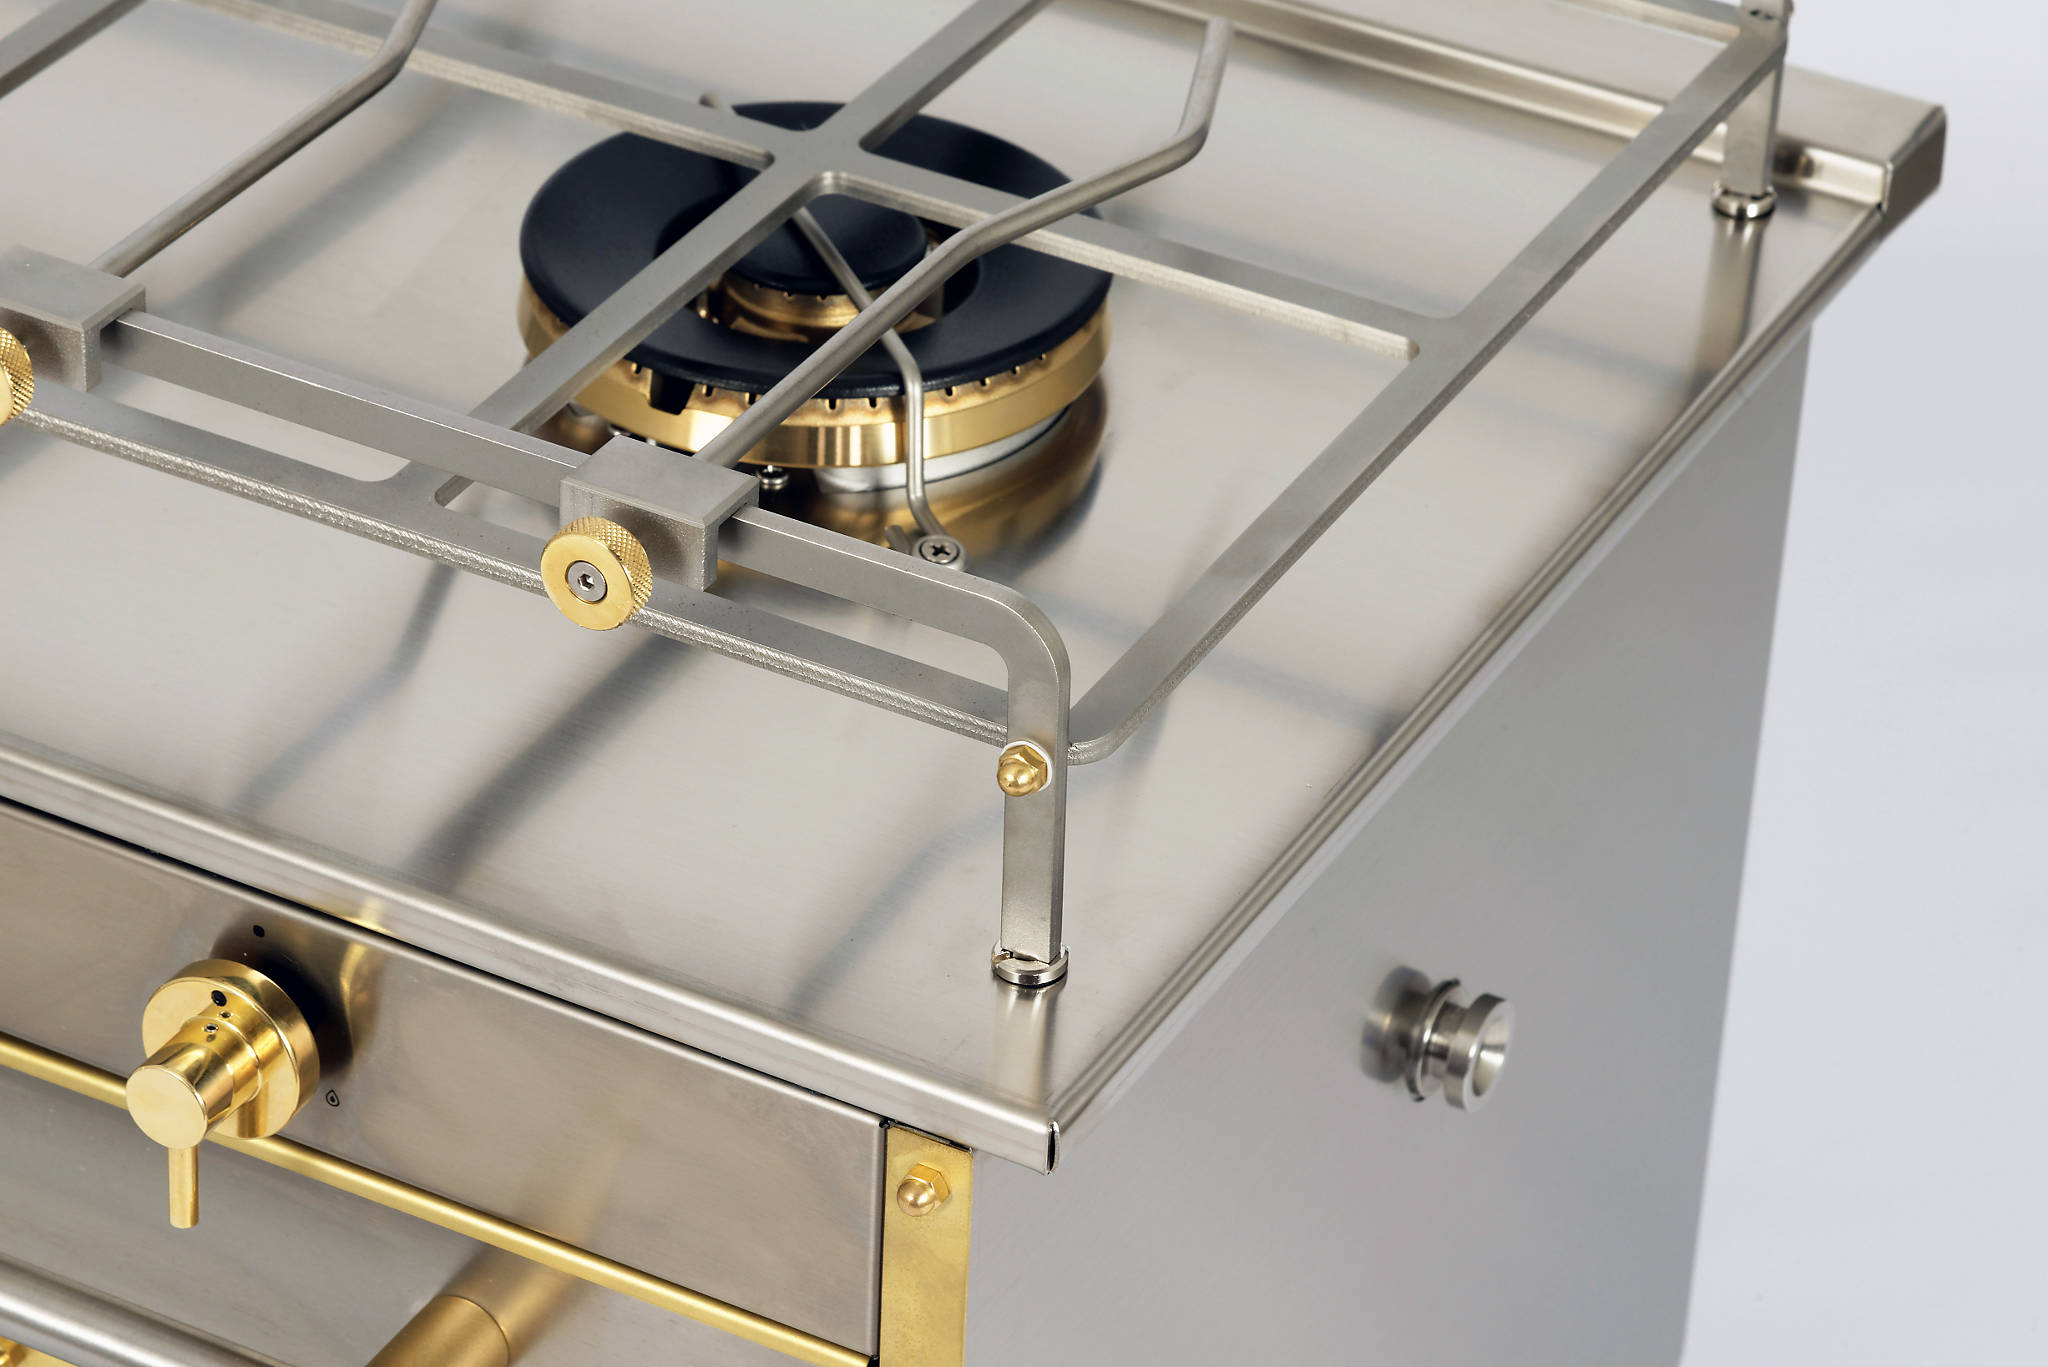 gimballed stove marine